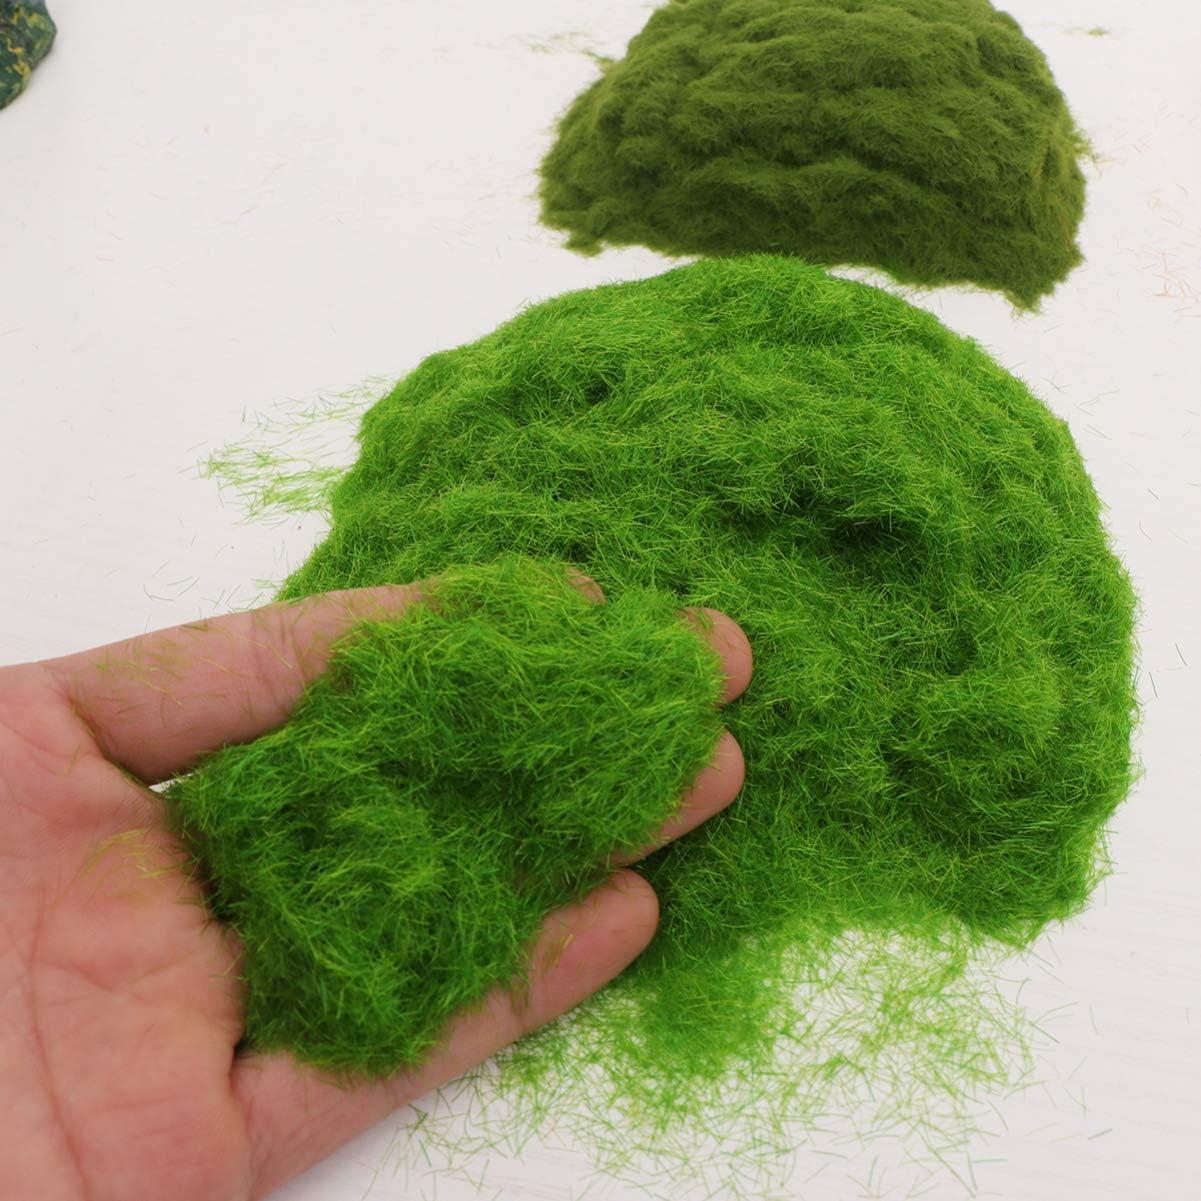 NUOBESTY Mixed Model Grass Terrain Powder Green Fake Grass Fairy Garden Miniatures Landscape Building 4 Pack